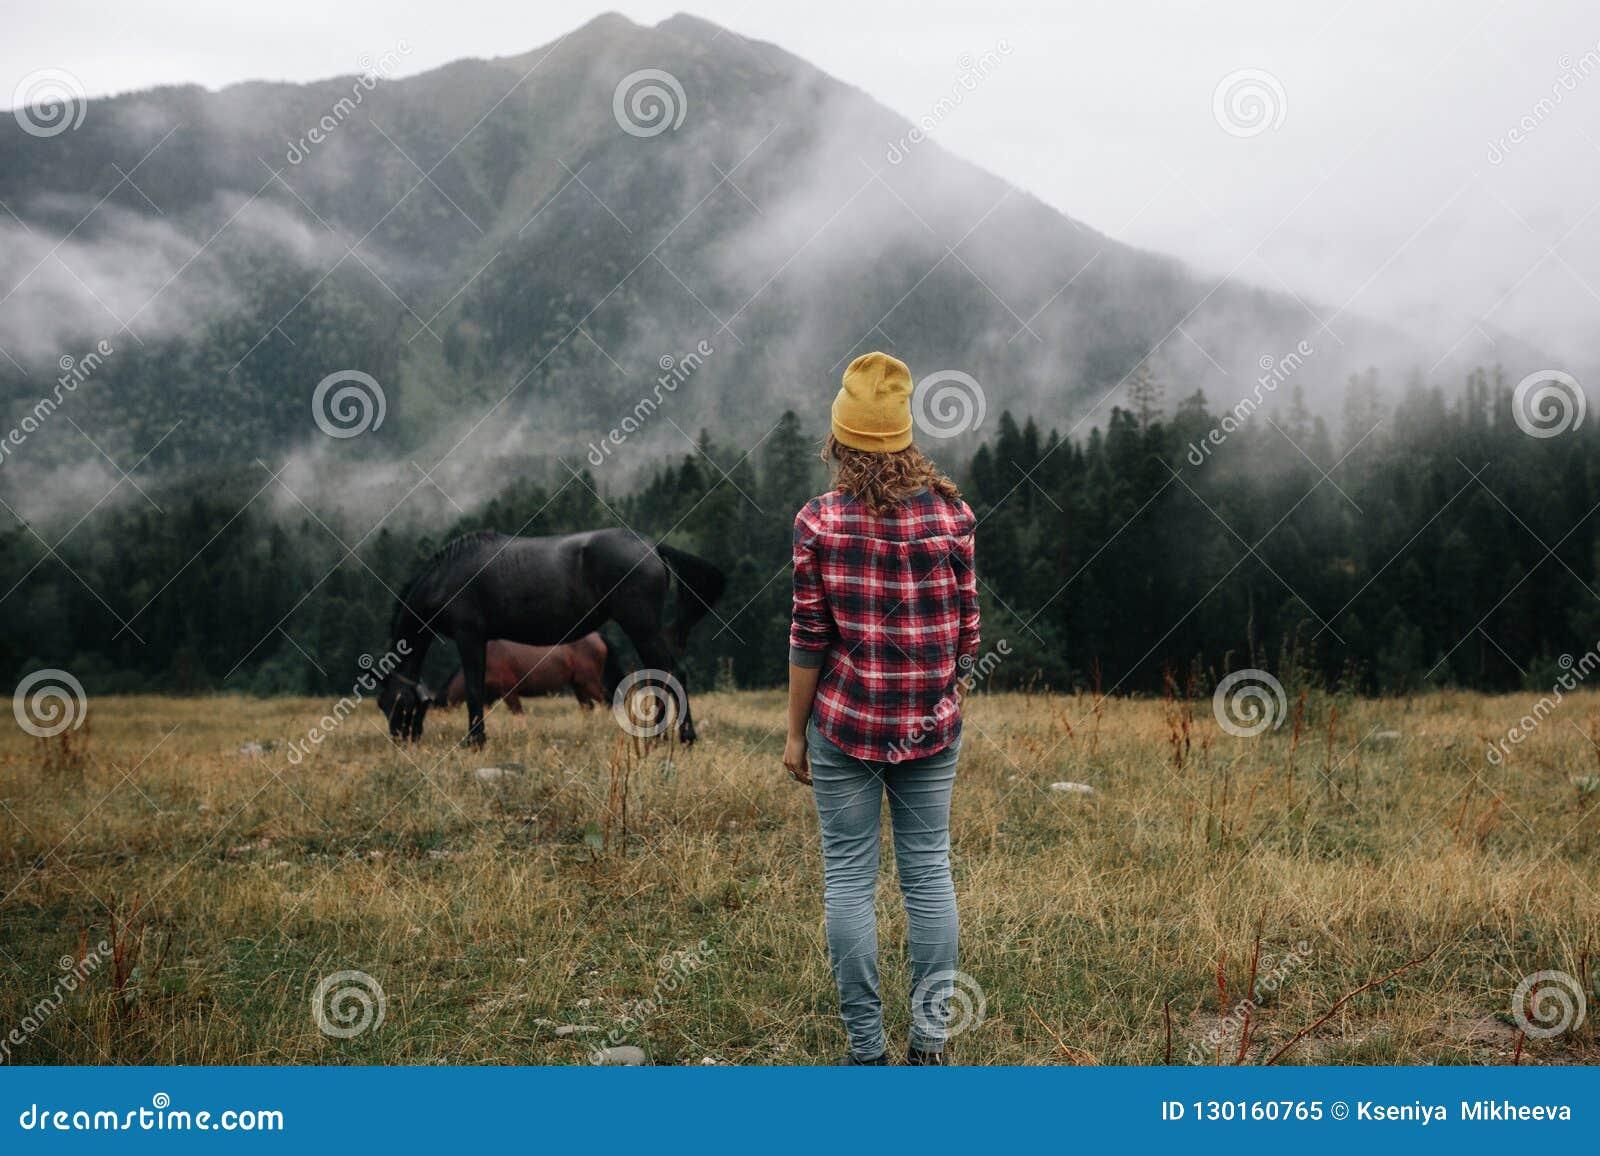 Stilvoller Mädchenblick auf das Pferd über Bergen im Nebel